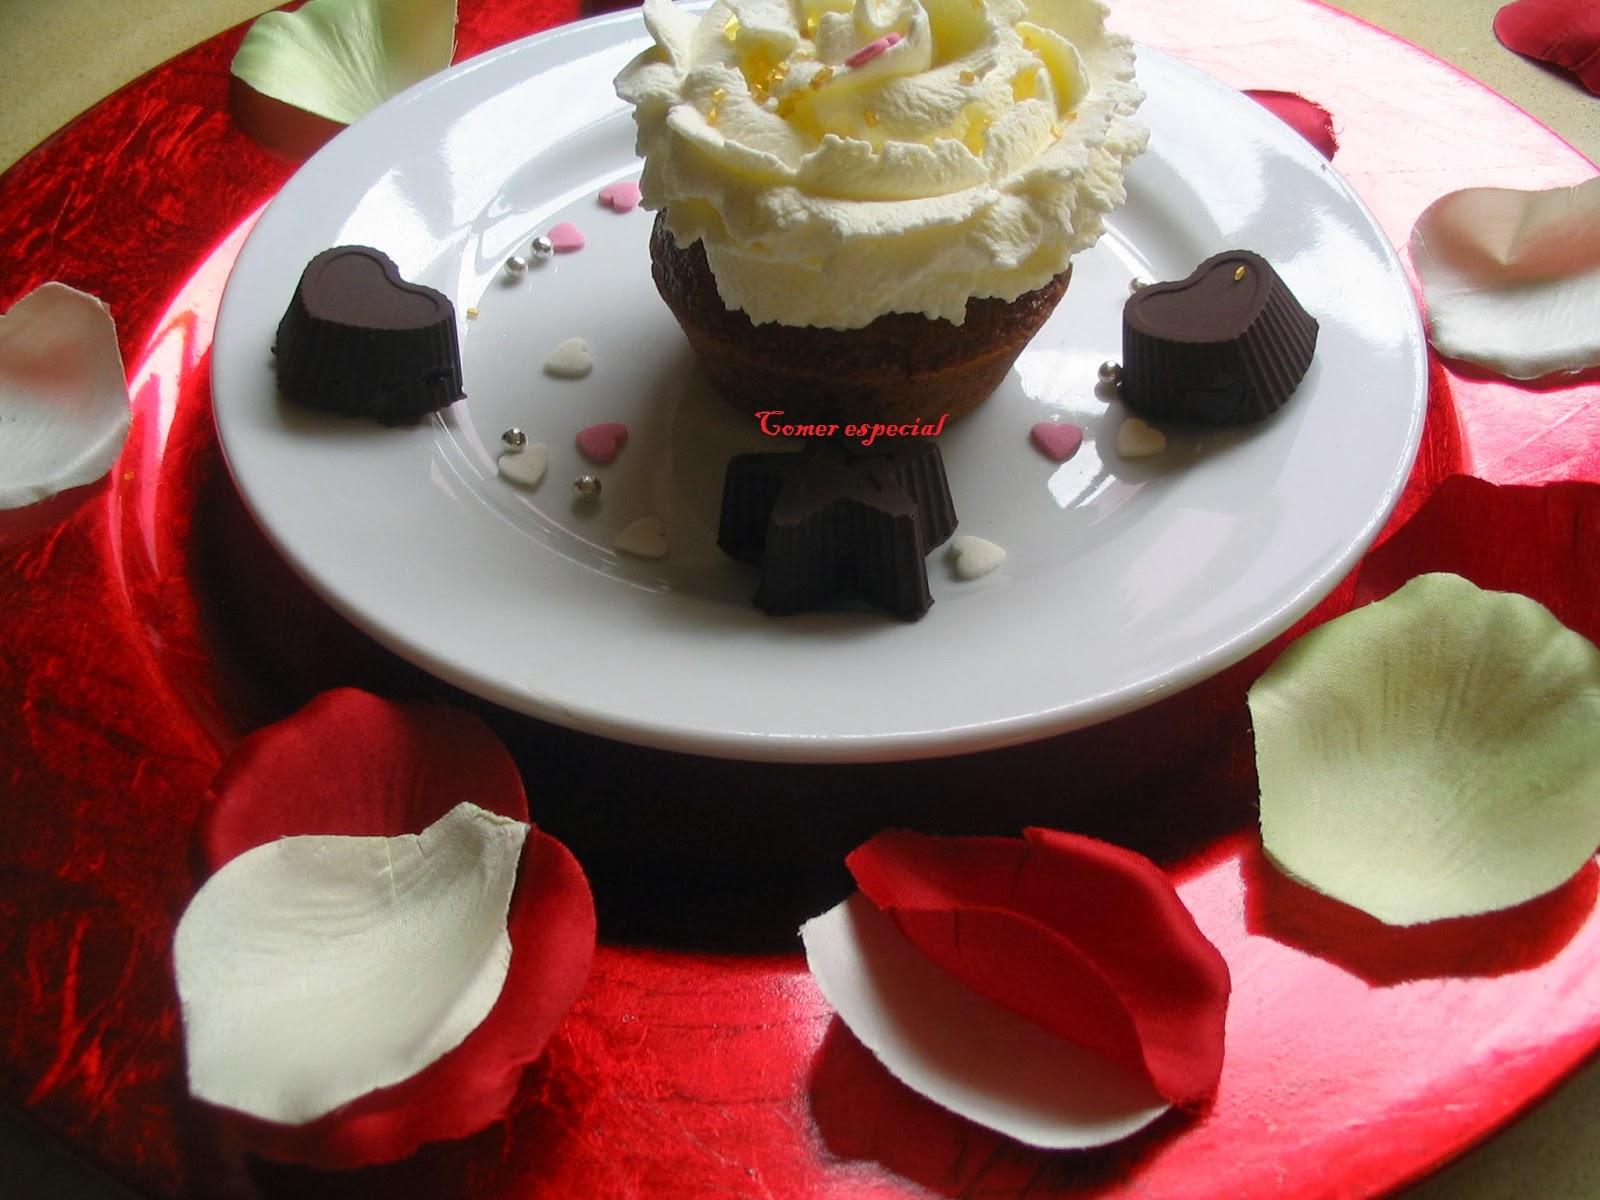 http://www.comerespecial.com/2014/02/cupcakes-de-chocolate-y-menta-sin.html